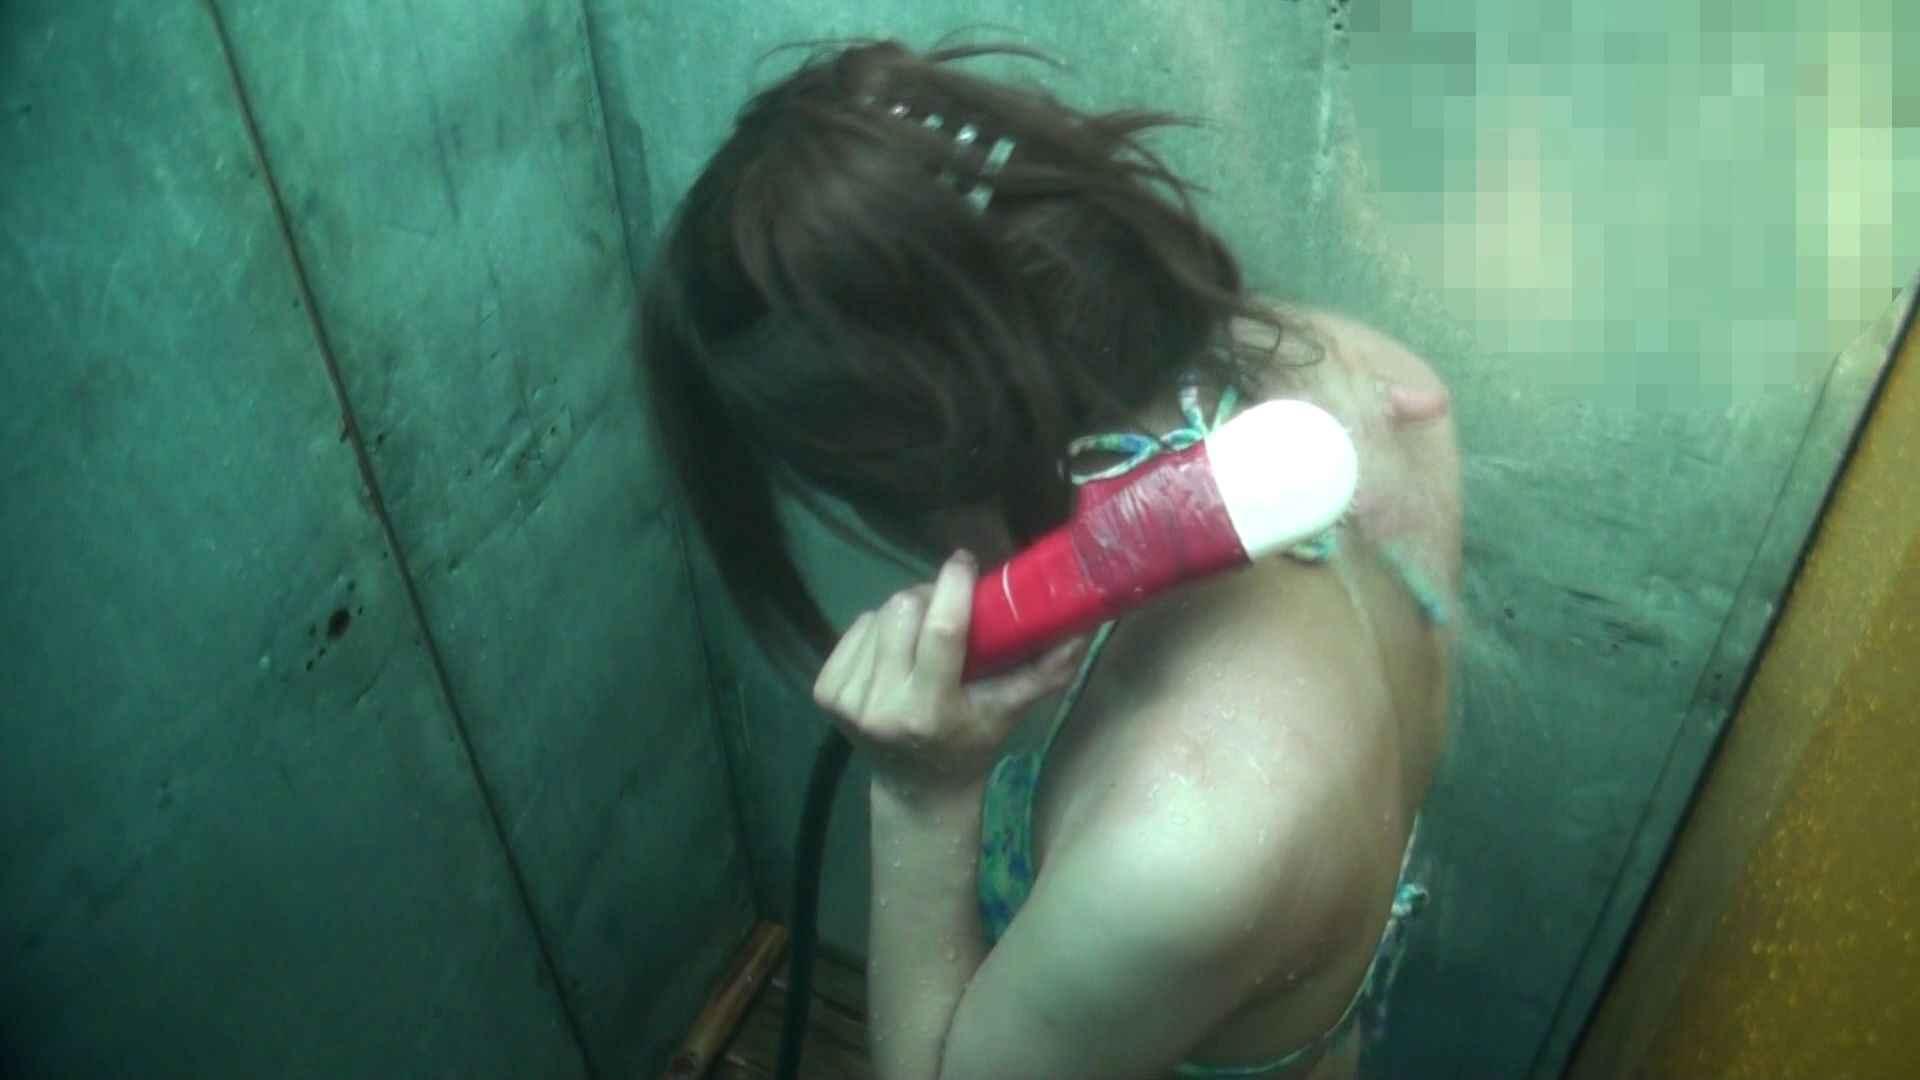 シャワールームは超!!危険な香りVol.15 残念ですが乳首未確認 マンコの砂は入念に シャワー 盗撮動画紹介 48連発 14